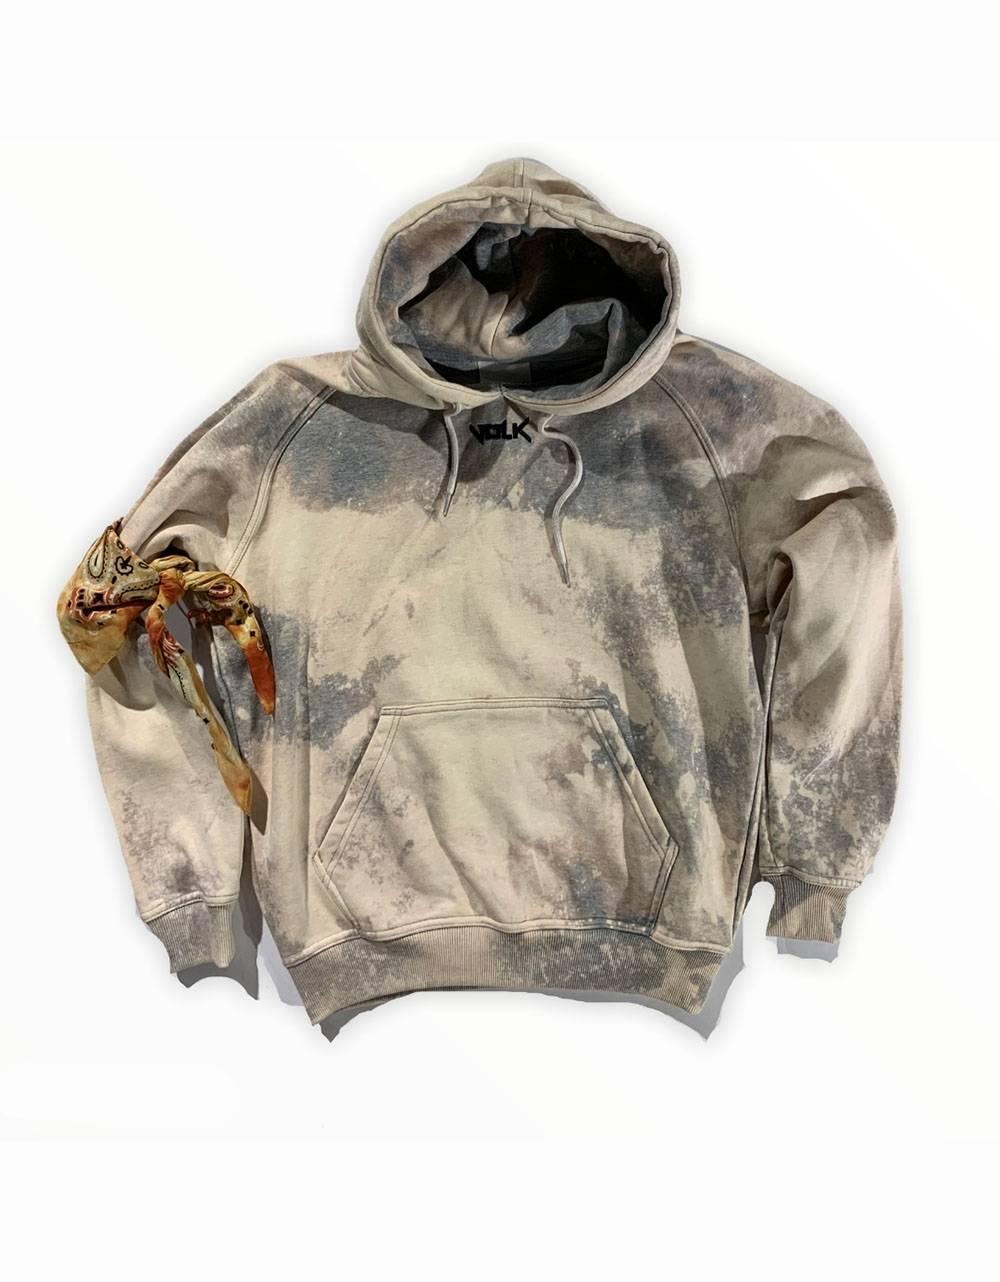 Volk smile font hoodie - bleached grey VOLK Sweater 97,54€